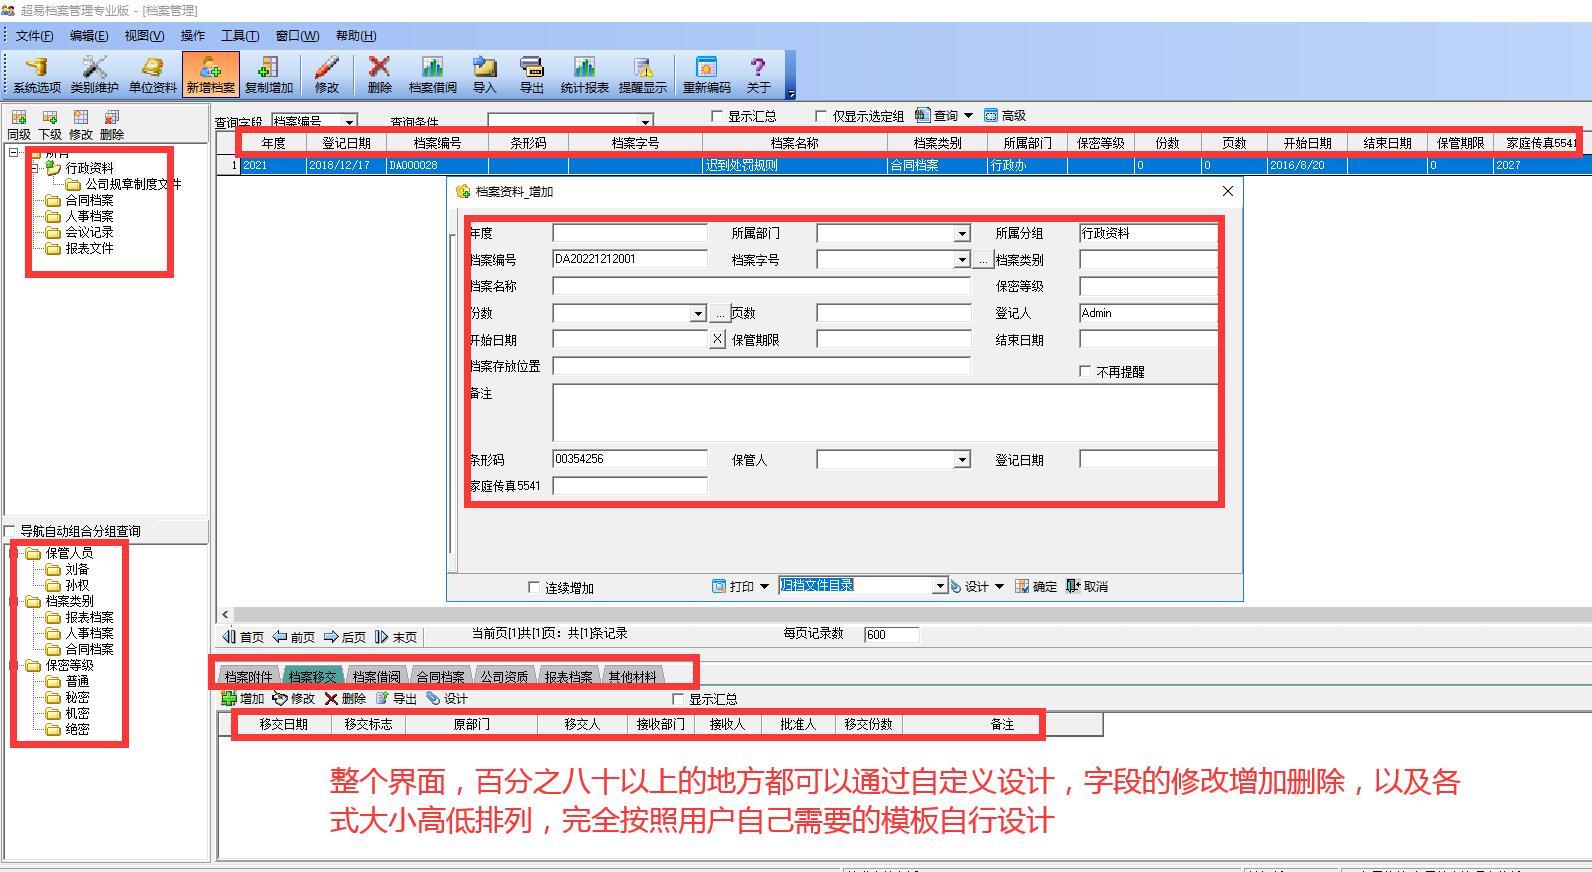 超易当年管理软件CS版本指引